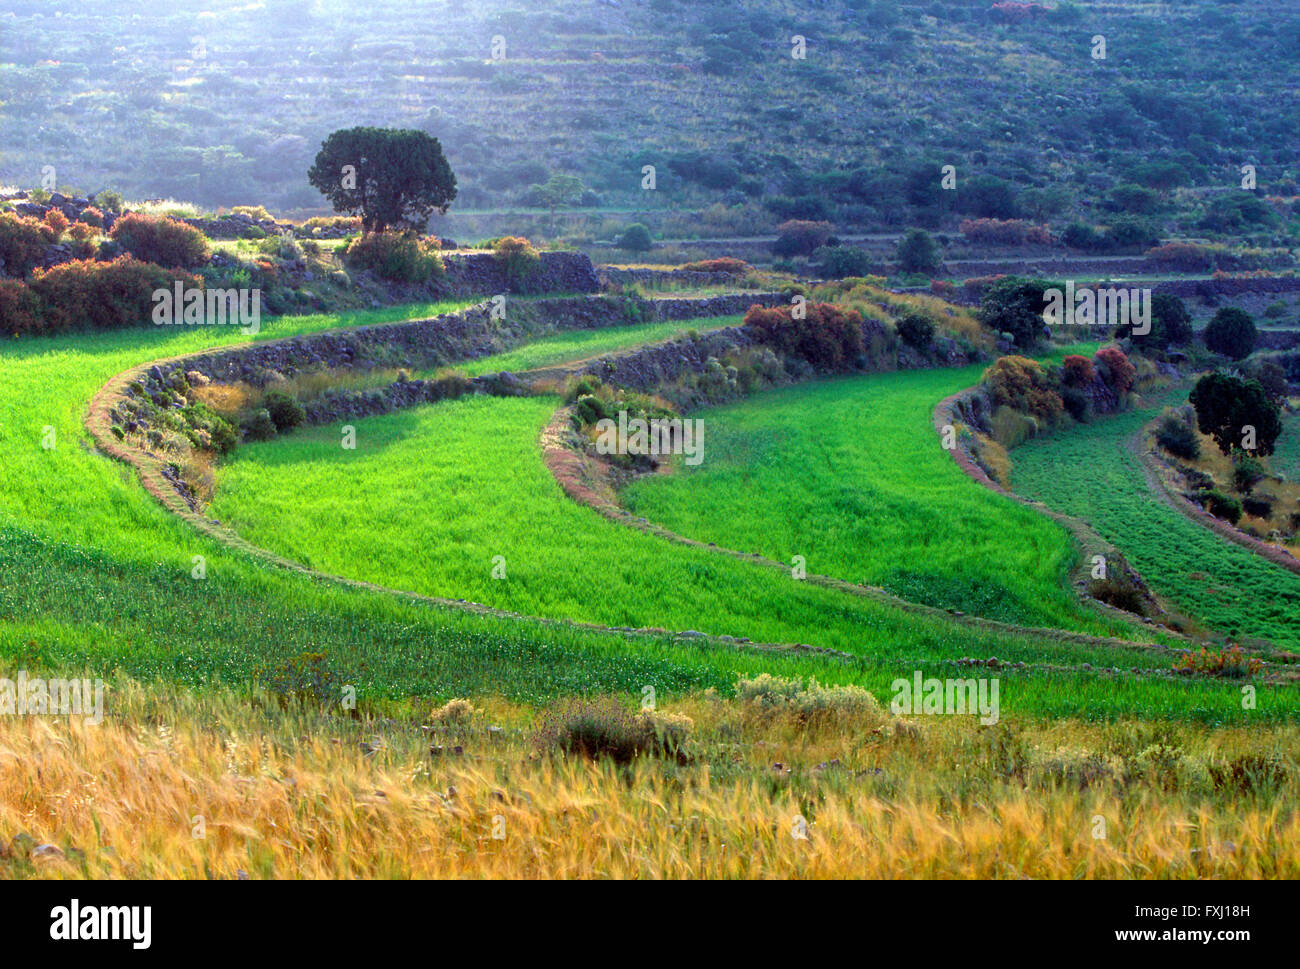 Ferme mitoyenne près de champs comme Soudah; région d'Asir, Royaume d'Arabie Saoudite Photo Stock